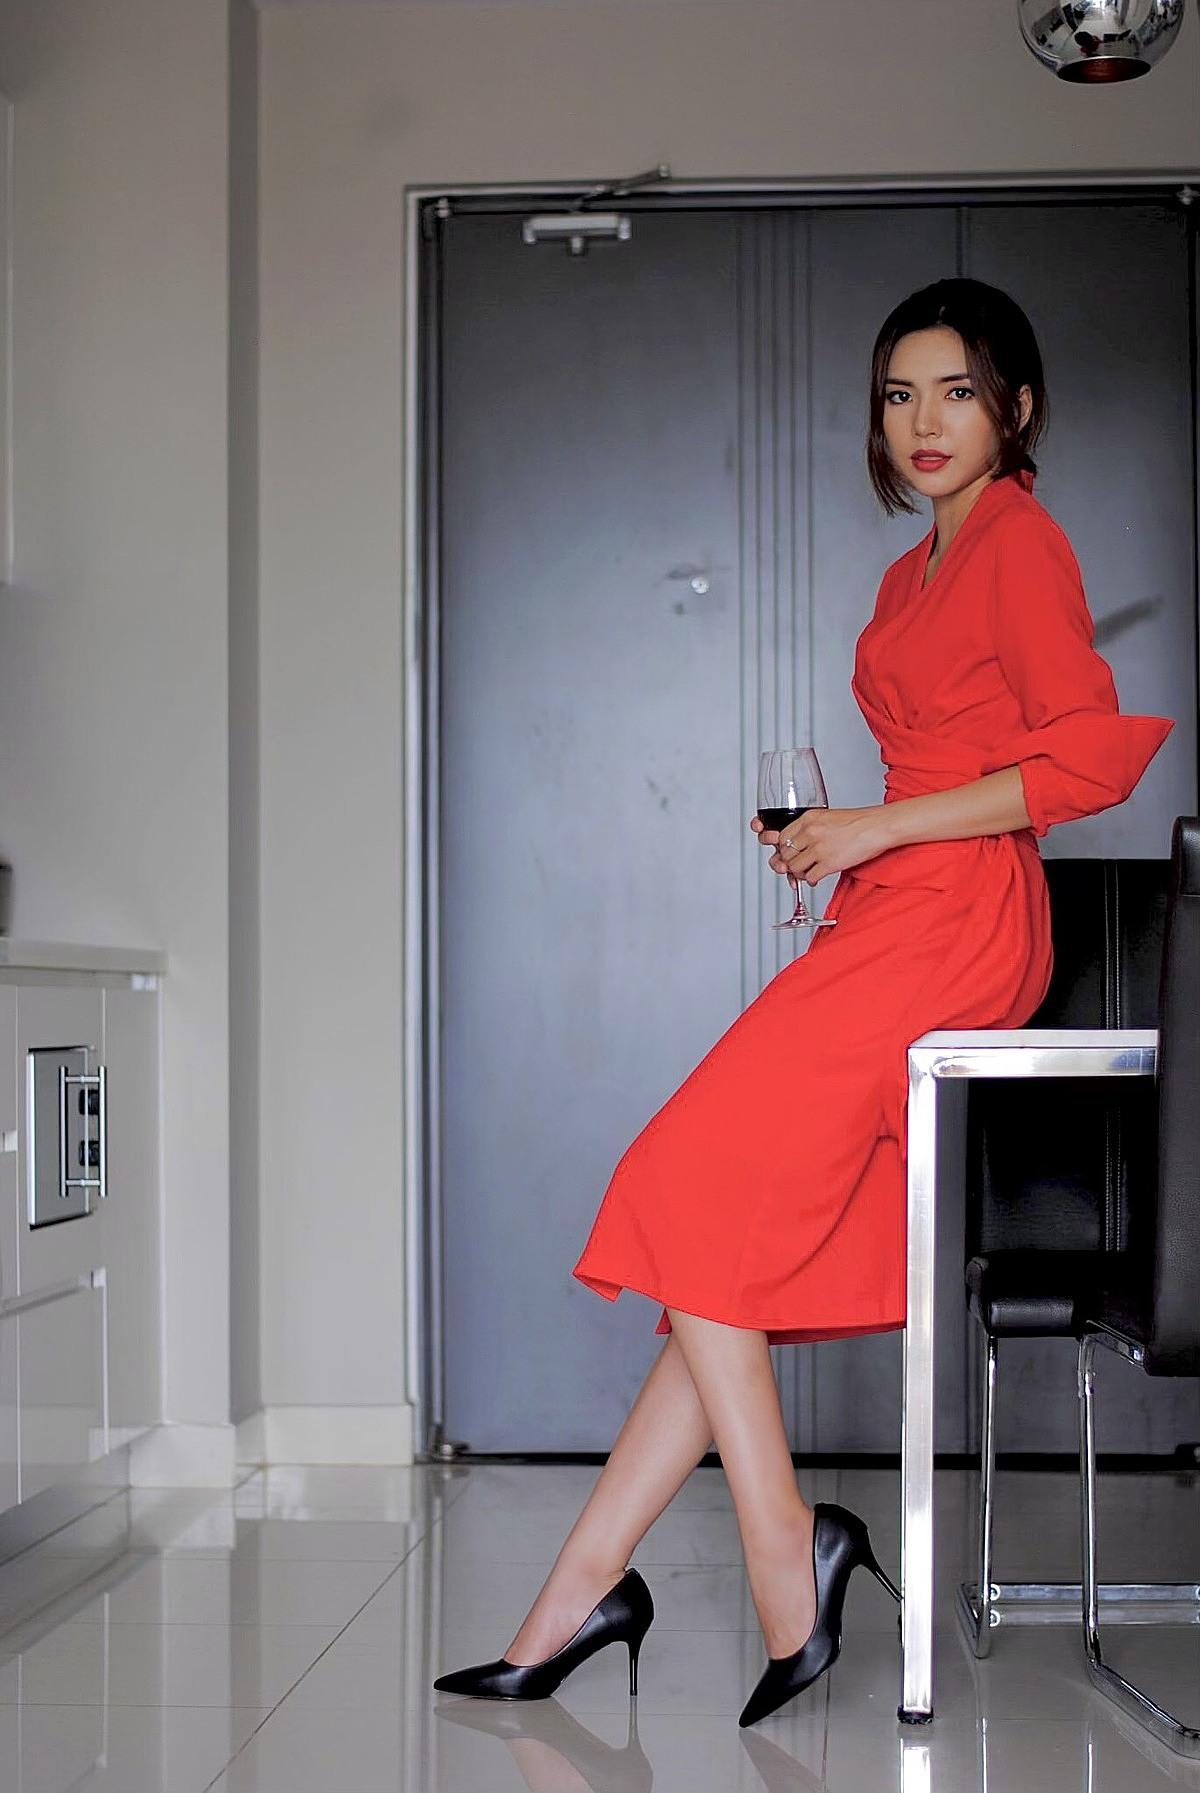 Thời trang BIM làm toát lên hình ảnh người phụ nữ tự chủ, đam mê, hạnh phúc qua mỗi bộ trang phục.